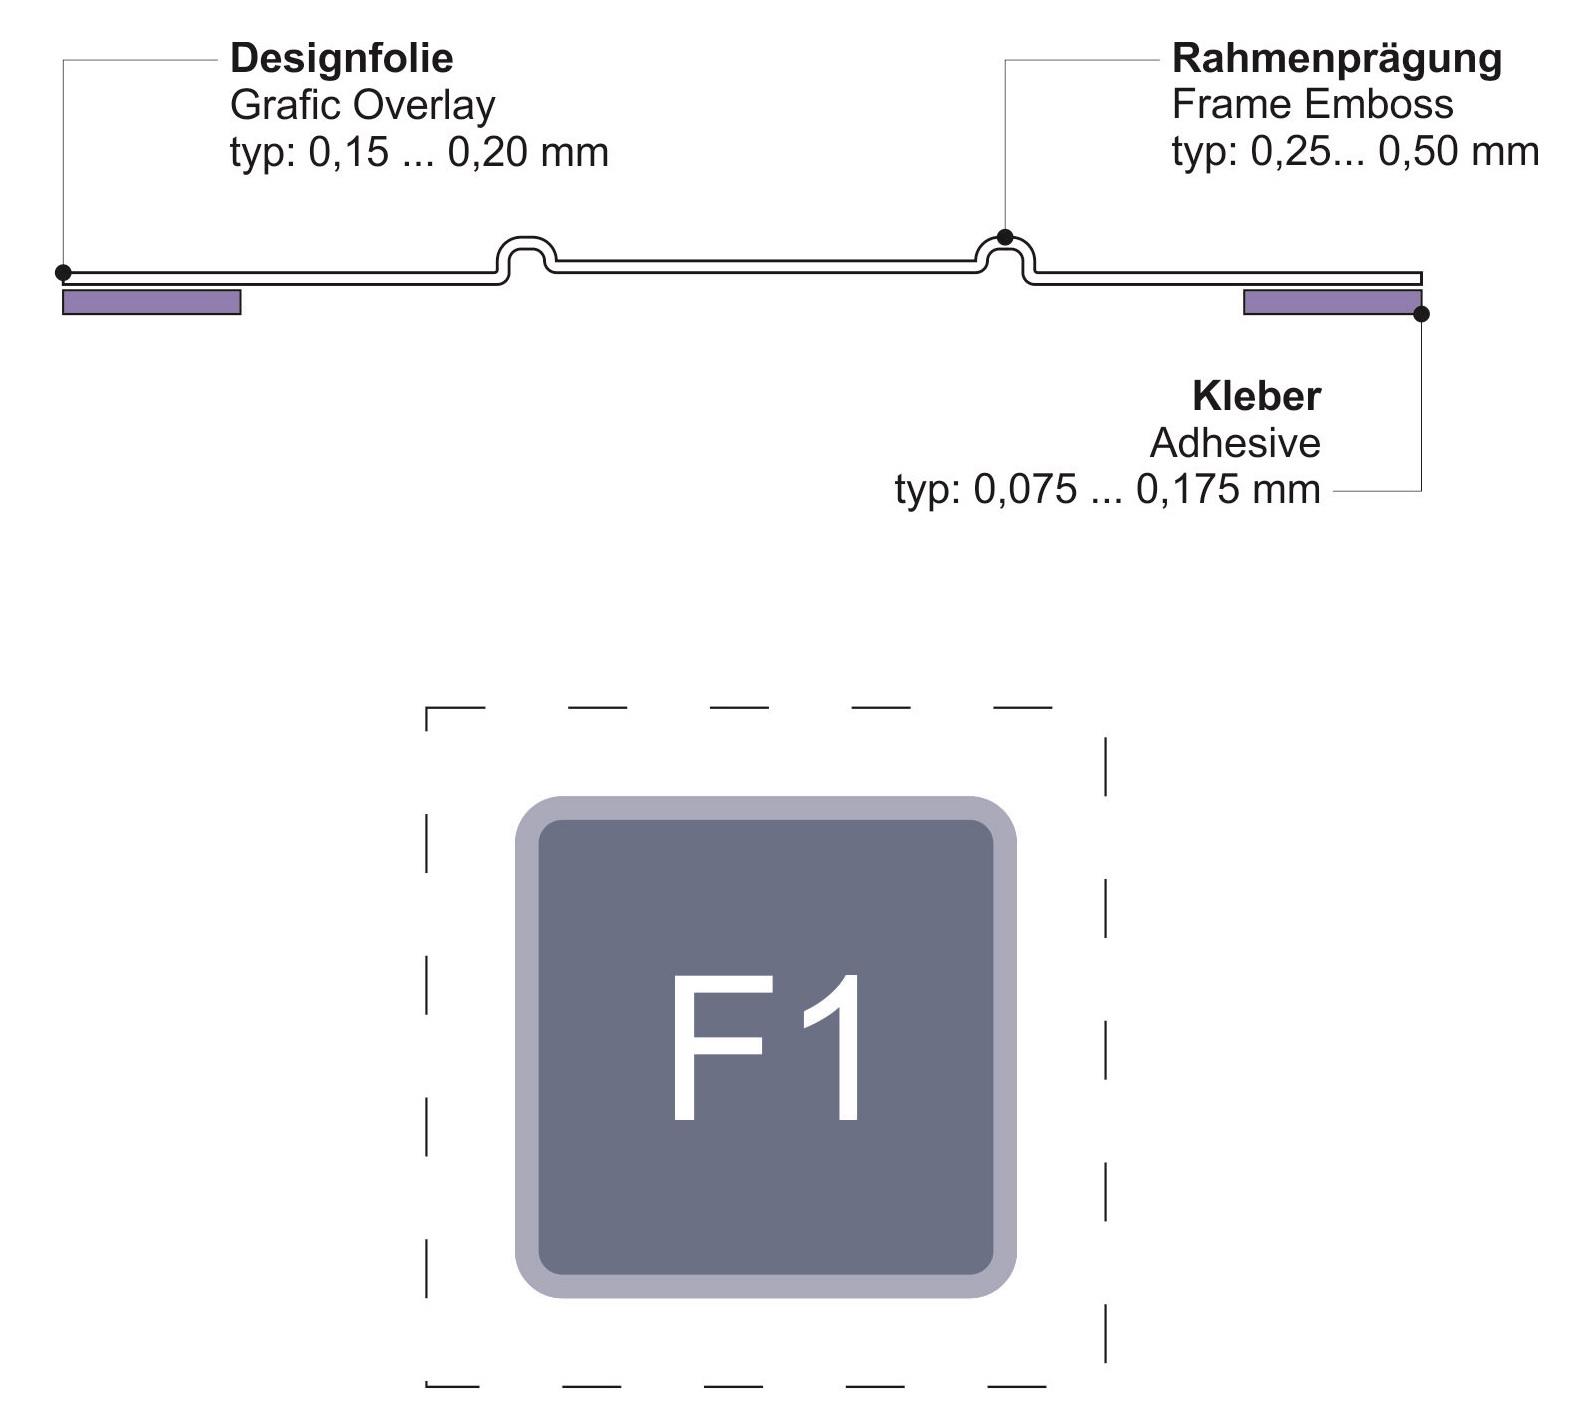 Dekorfolie mit Rahmenprägung bzw. Randprägung